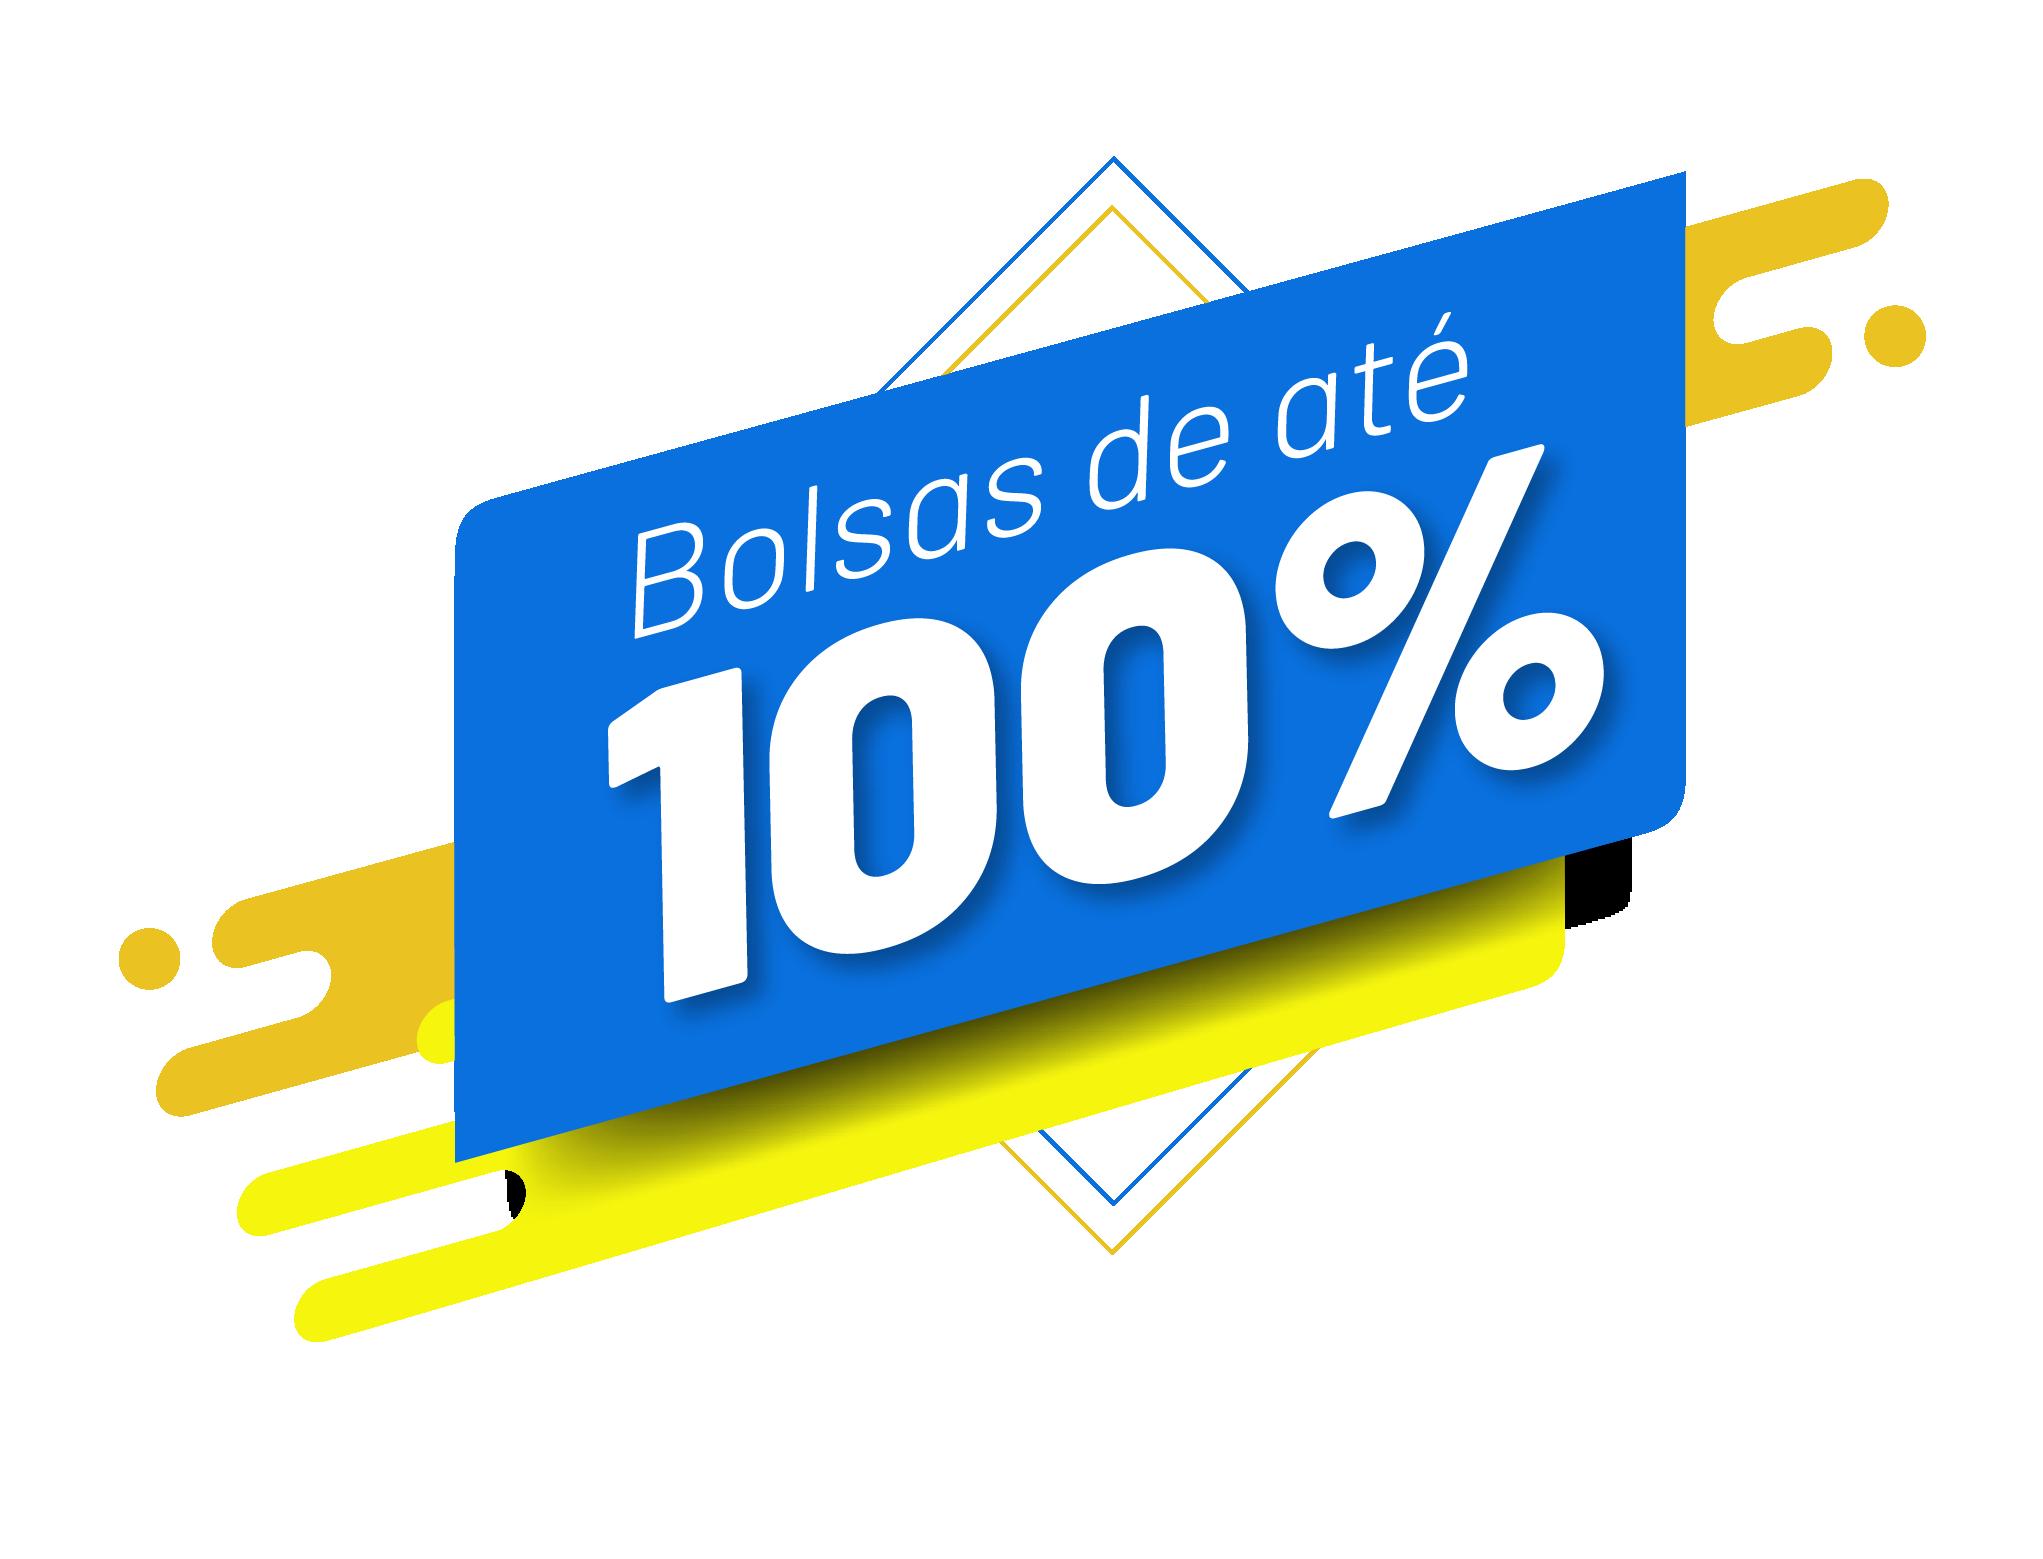 Bolsas de até 100%